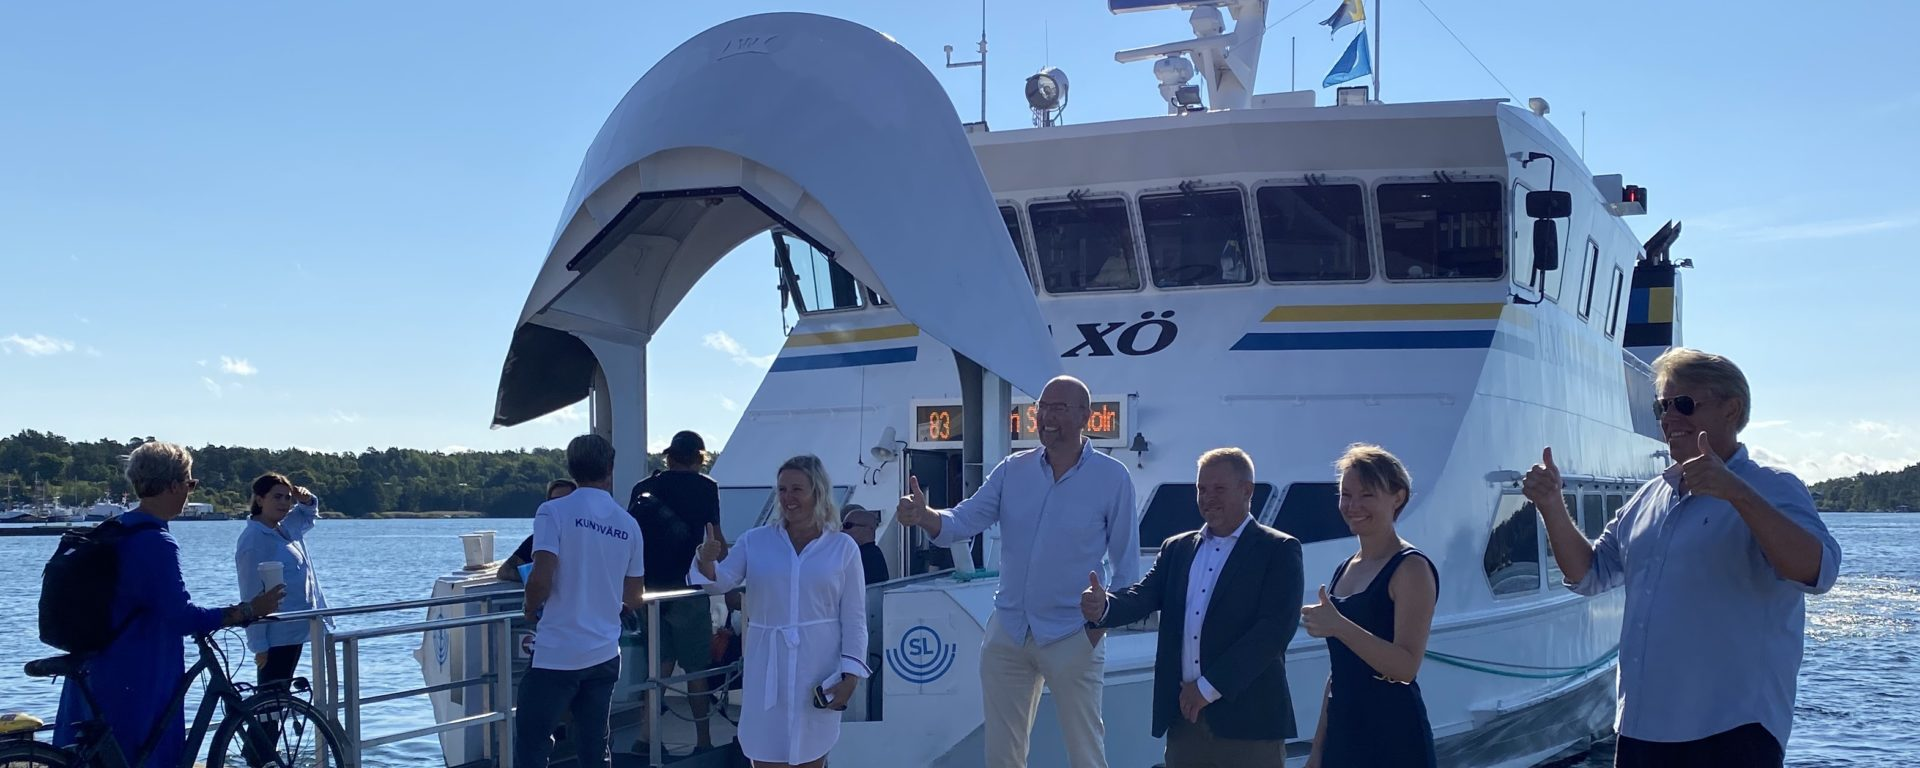 sweden-commuter-boat_img_0233